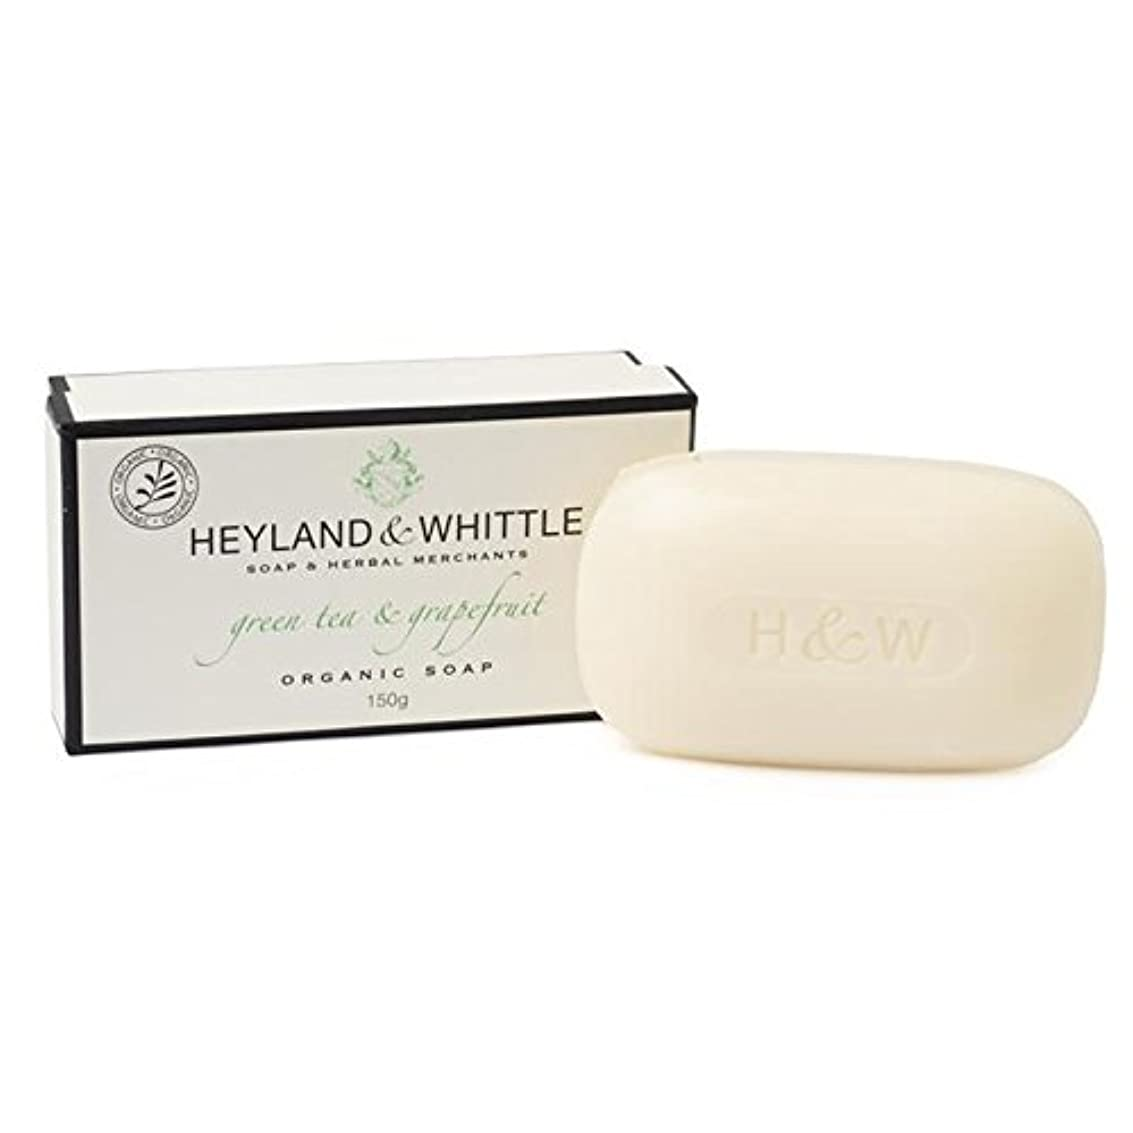 テンポ幾分限界&削る緑茶&グレープフルーツはオーガニックソープ150グラム箱入り x4 - Heyland & Whittle Green Tea & Grapefruit Boxed Organic Soap 150g (Pack of 4) [並行輸入品]